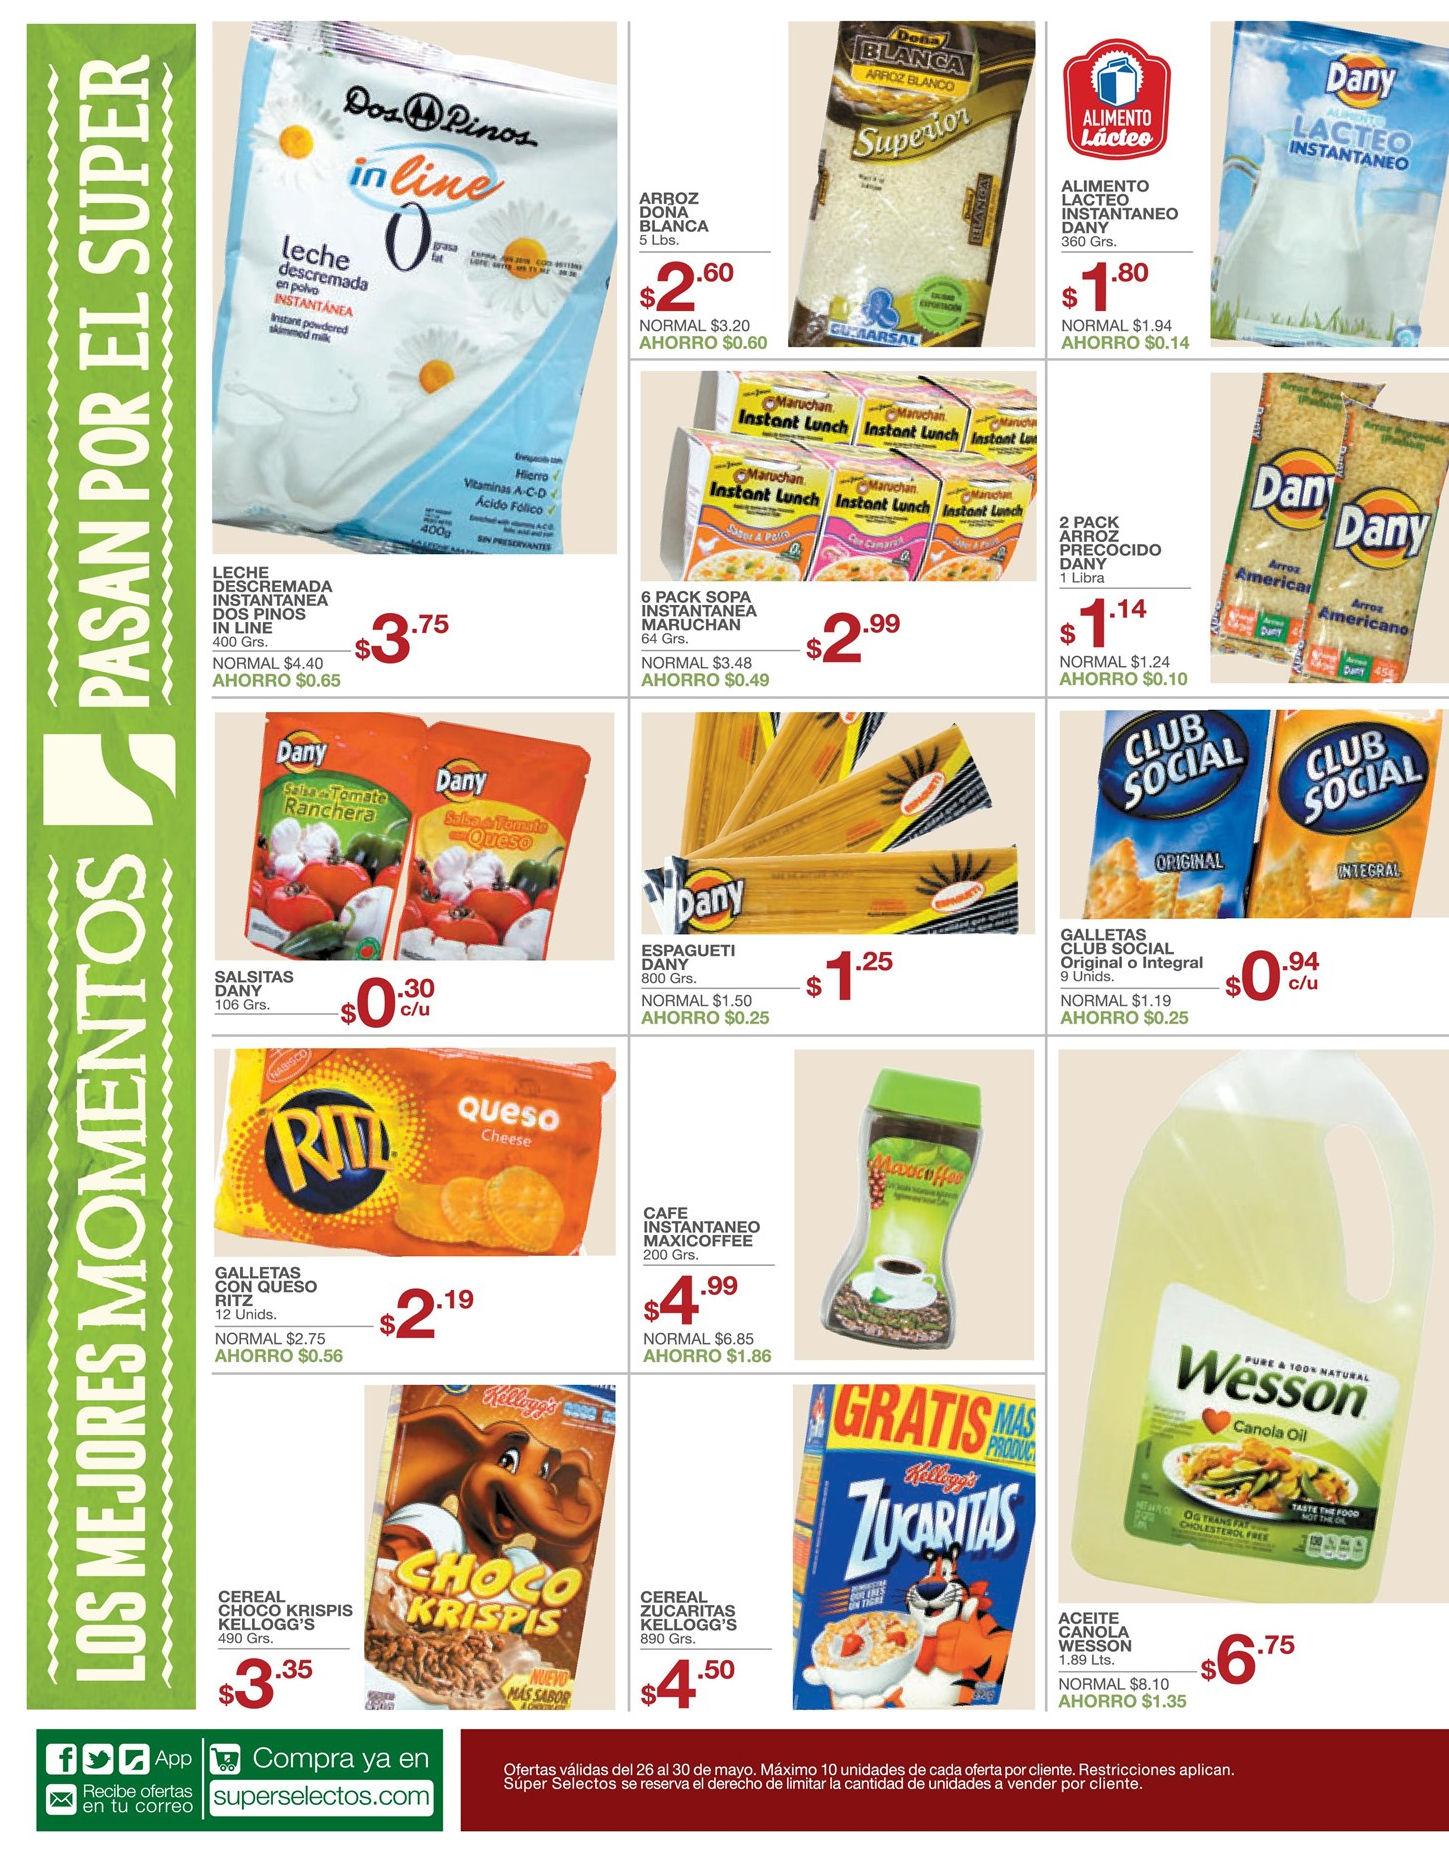 productos con precios bajos y rebajados en super selectos